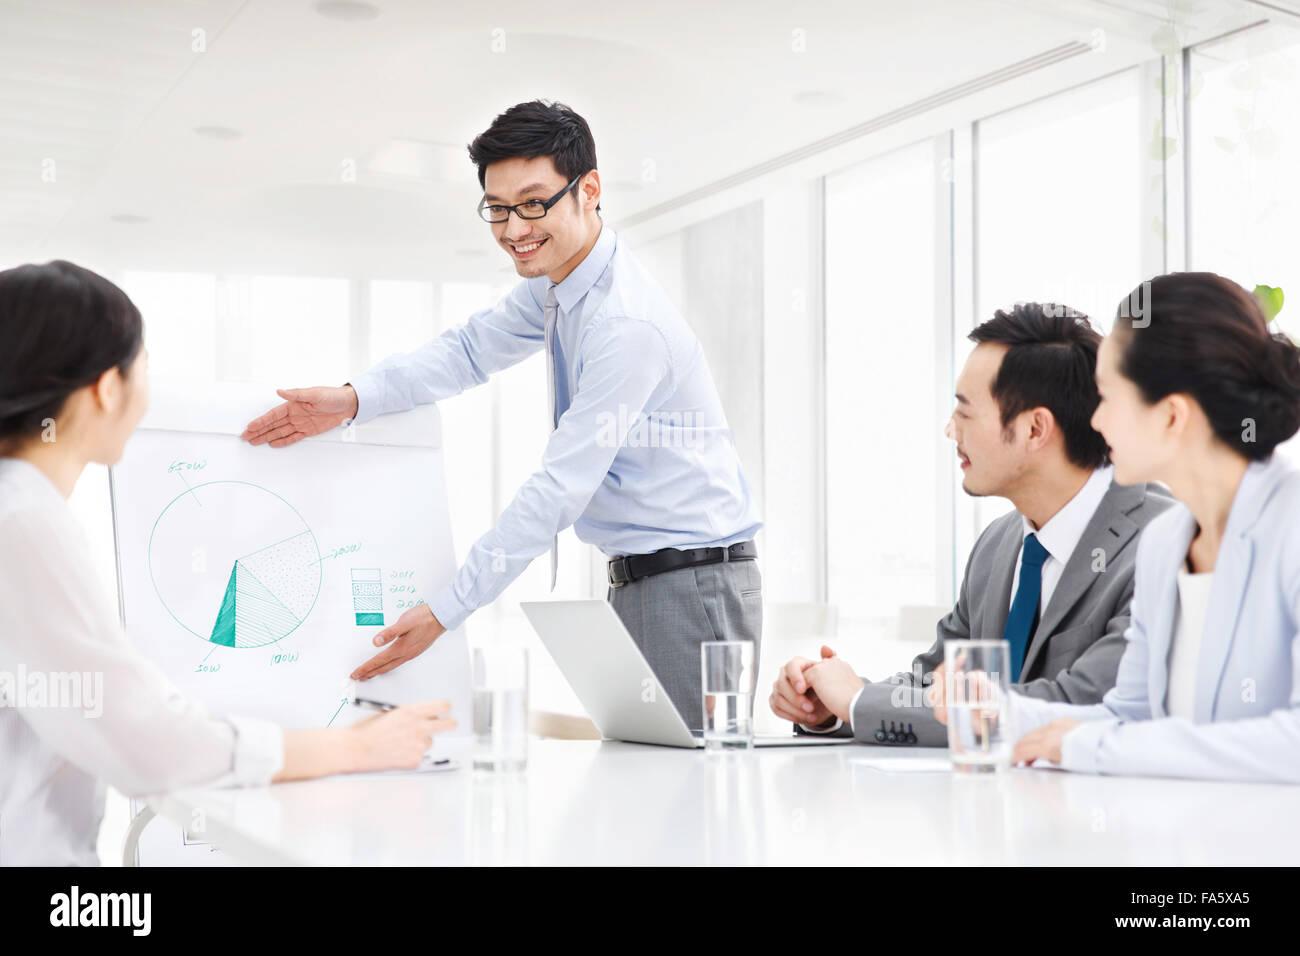 Reunión del equipo de negocios en la sala de conferencias Imagen De Stock